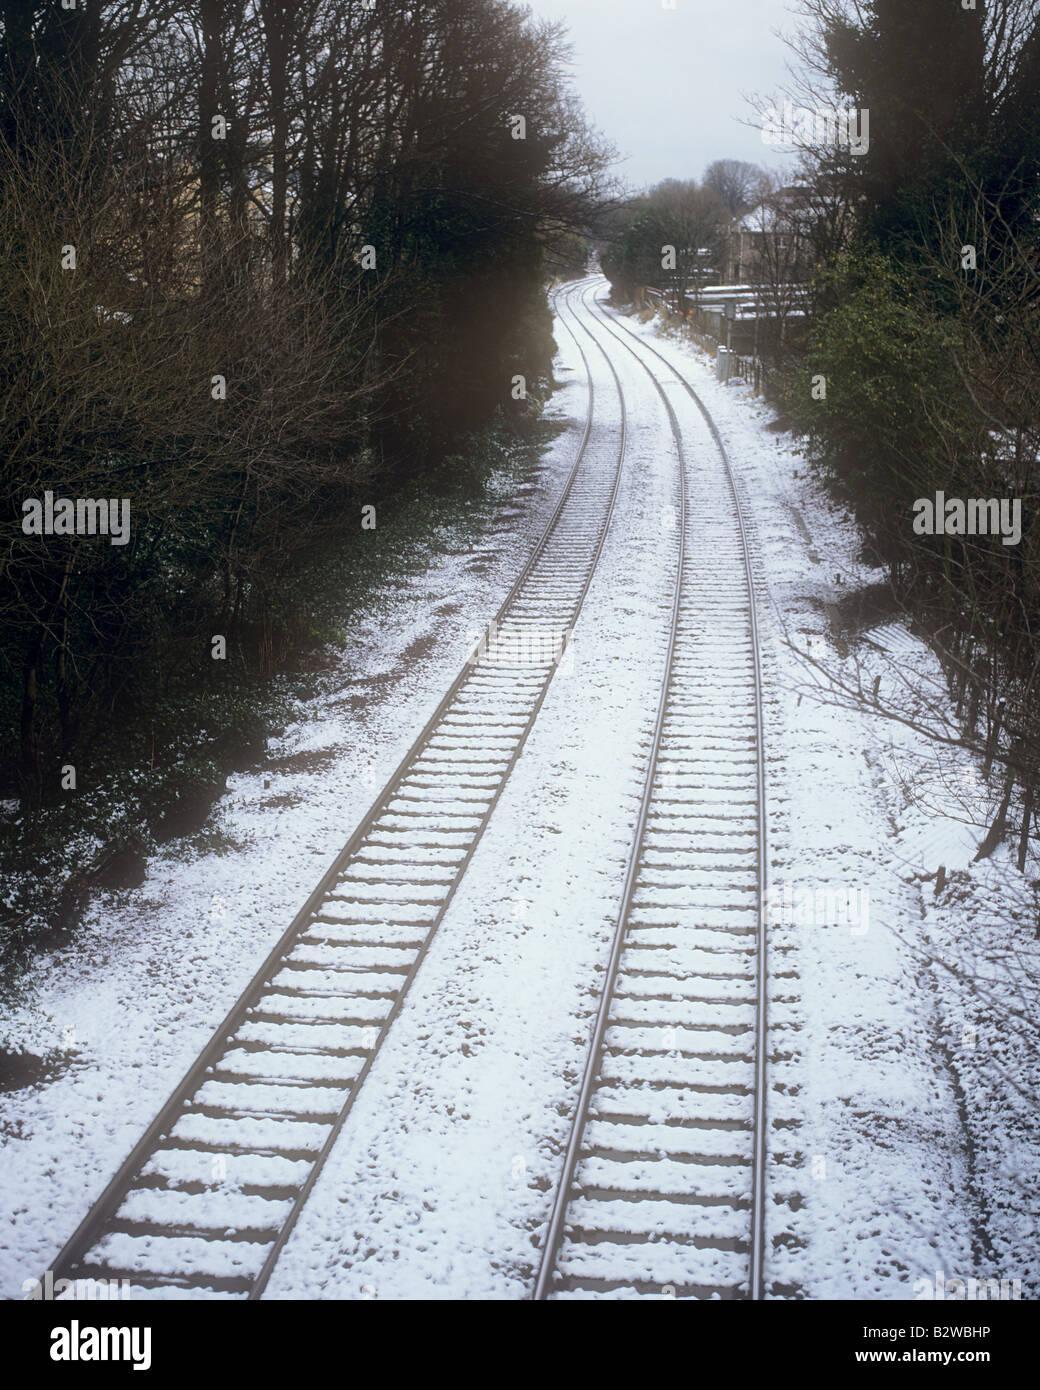 Bahnstrecke mit Schnee bedeckt Stockbild